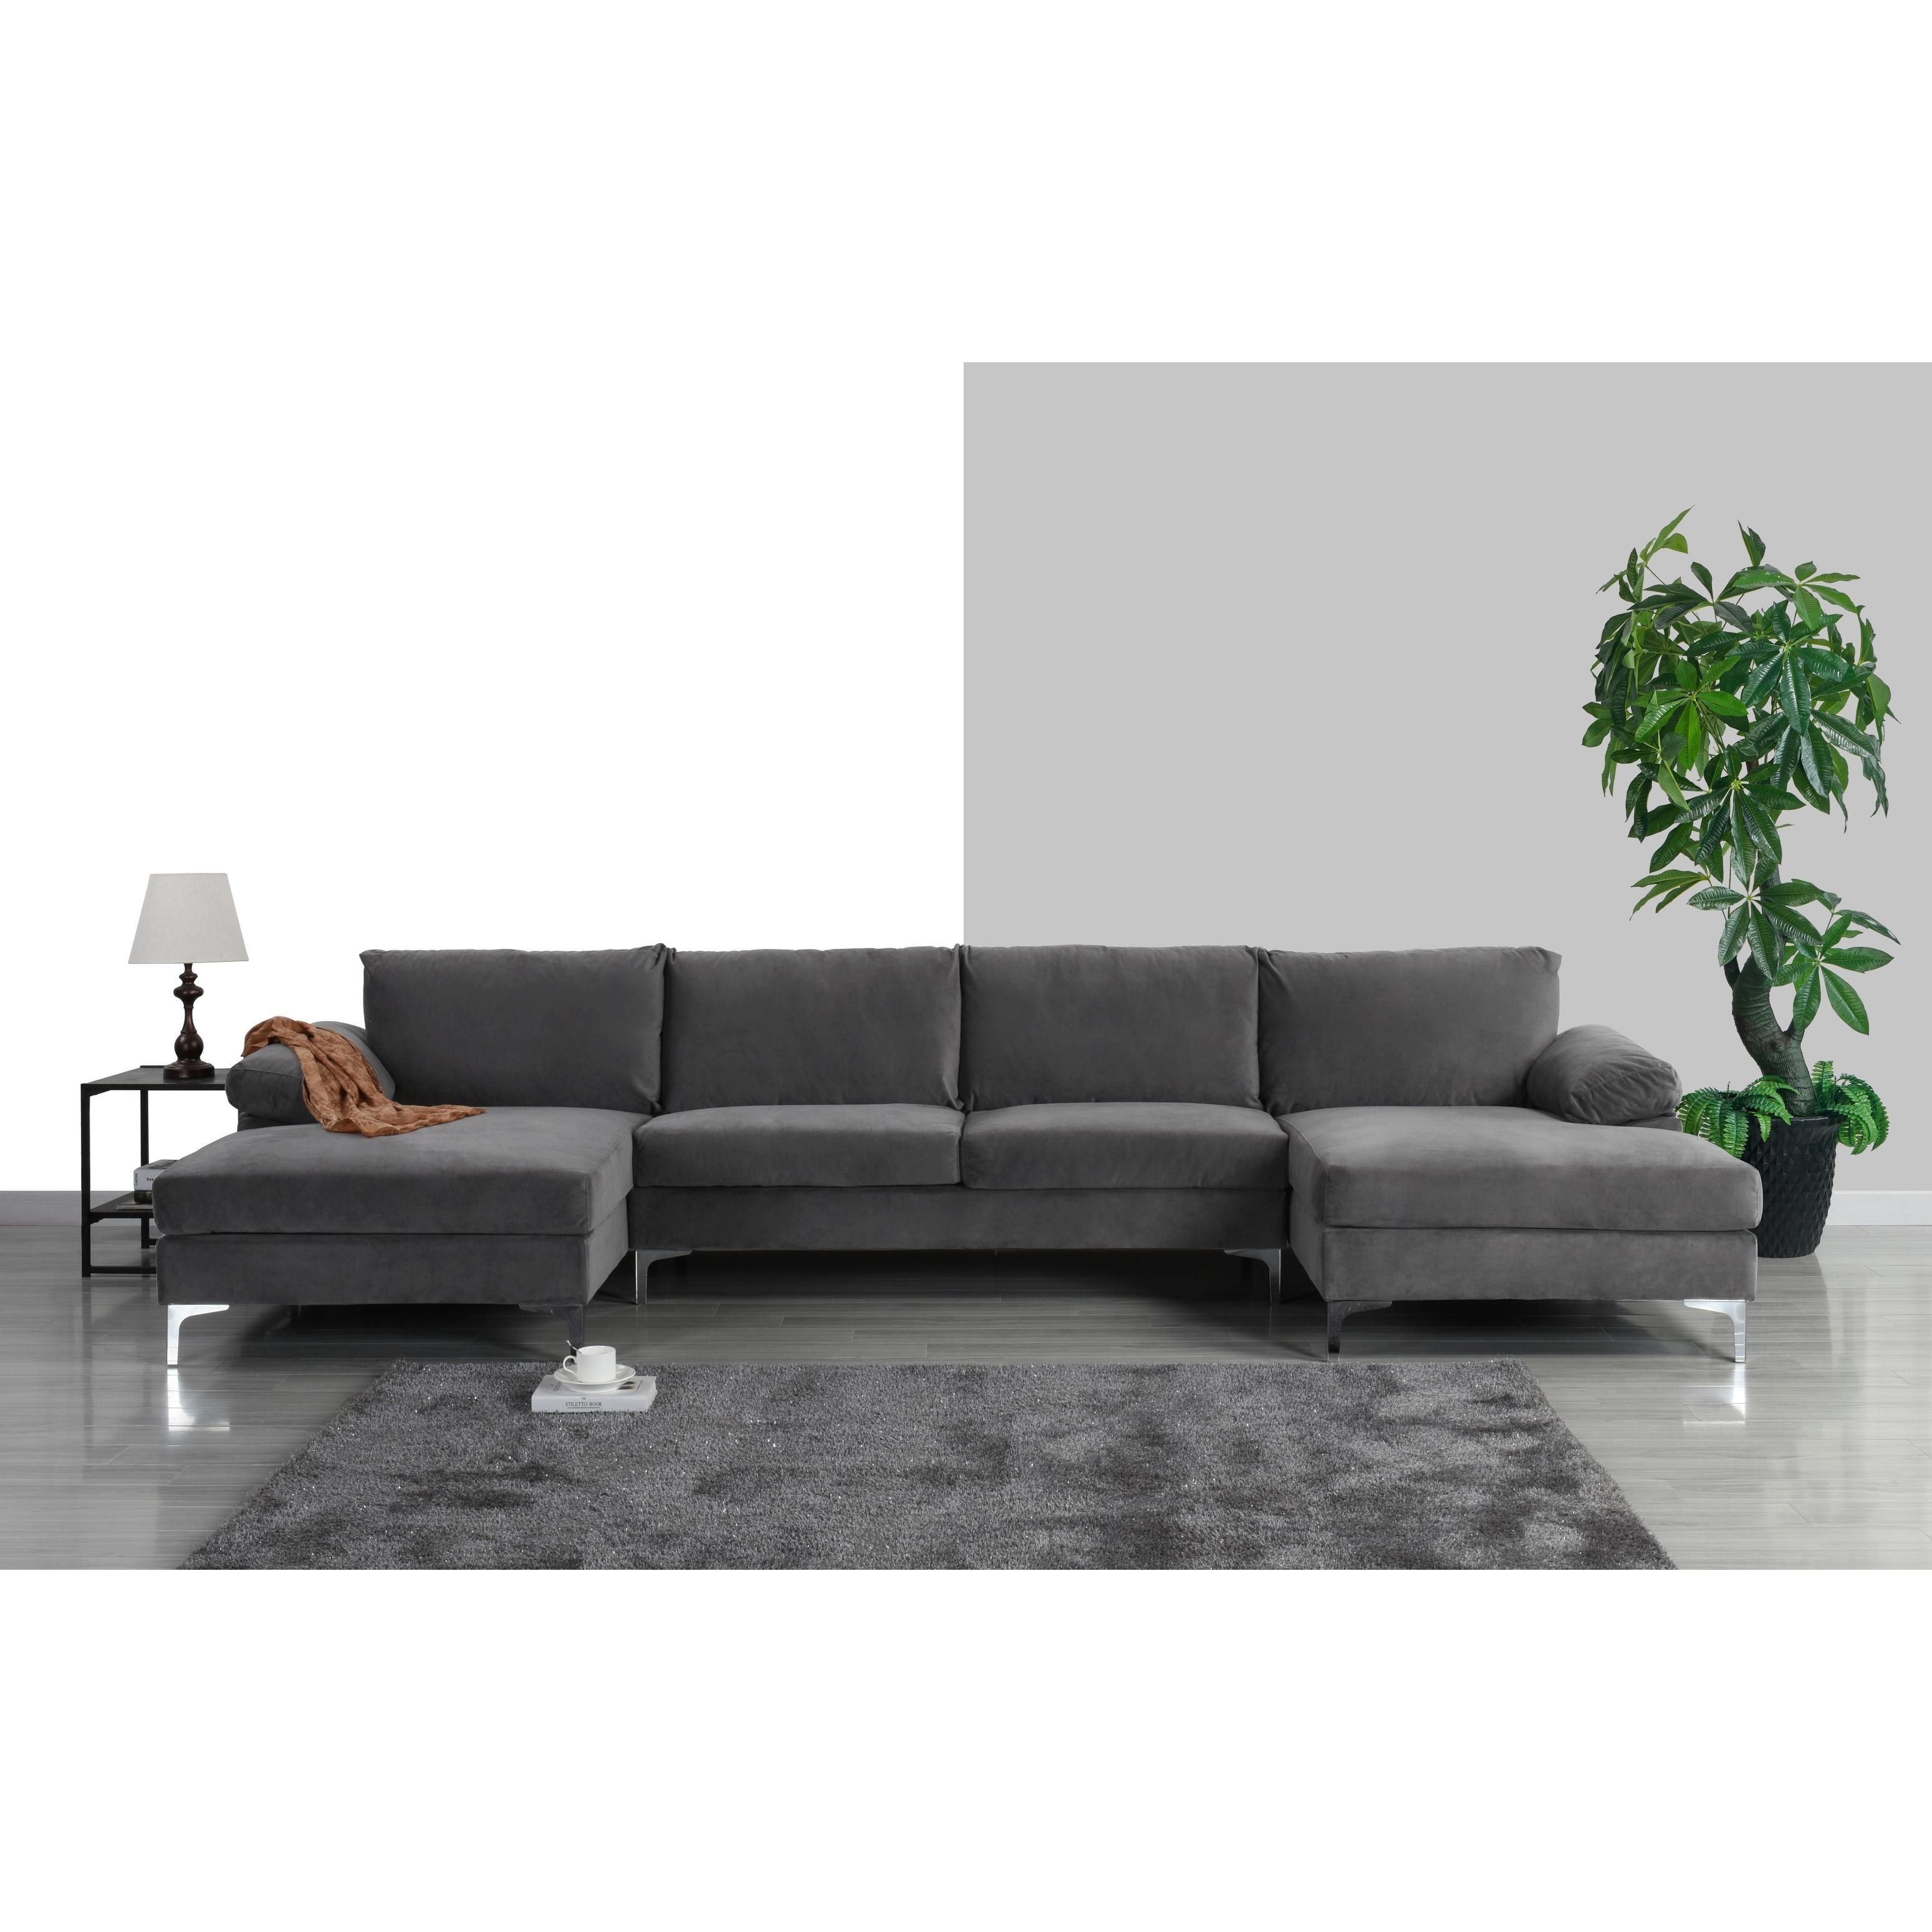 Modern XL Velvet Upholstery U-shaped Sectional Sofa - On Sale - Overstock - 28156967